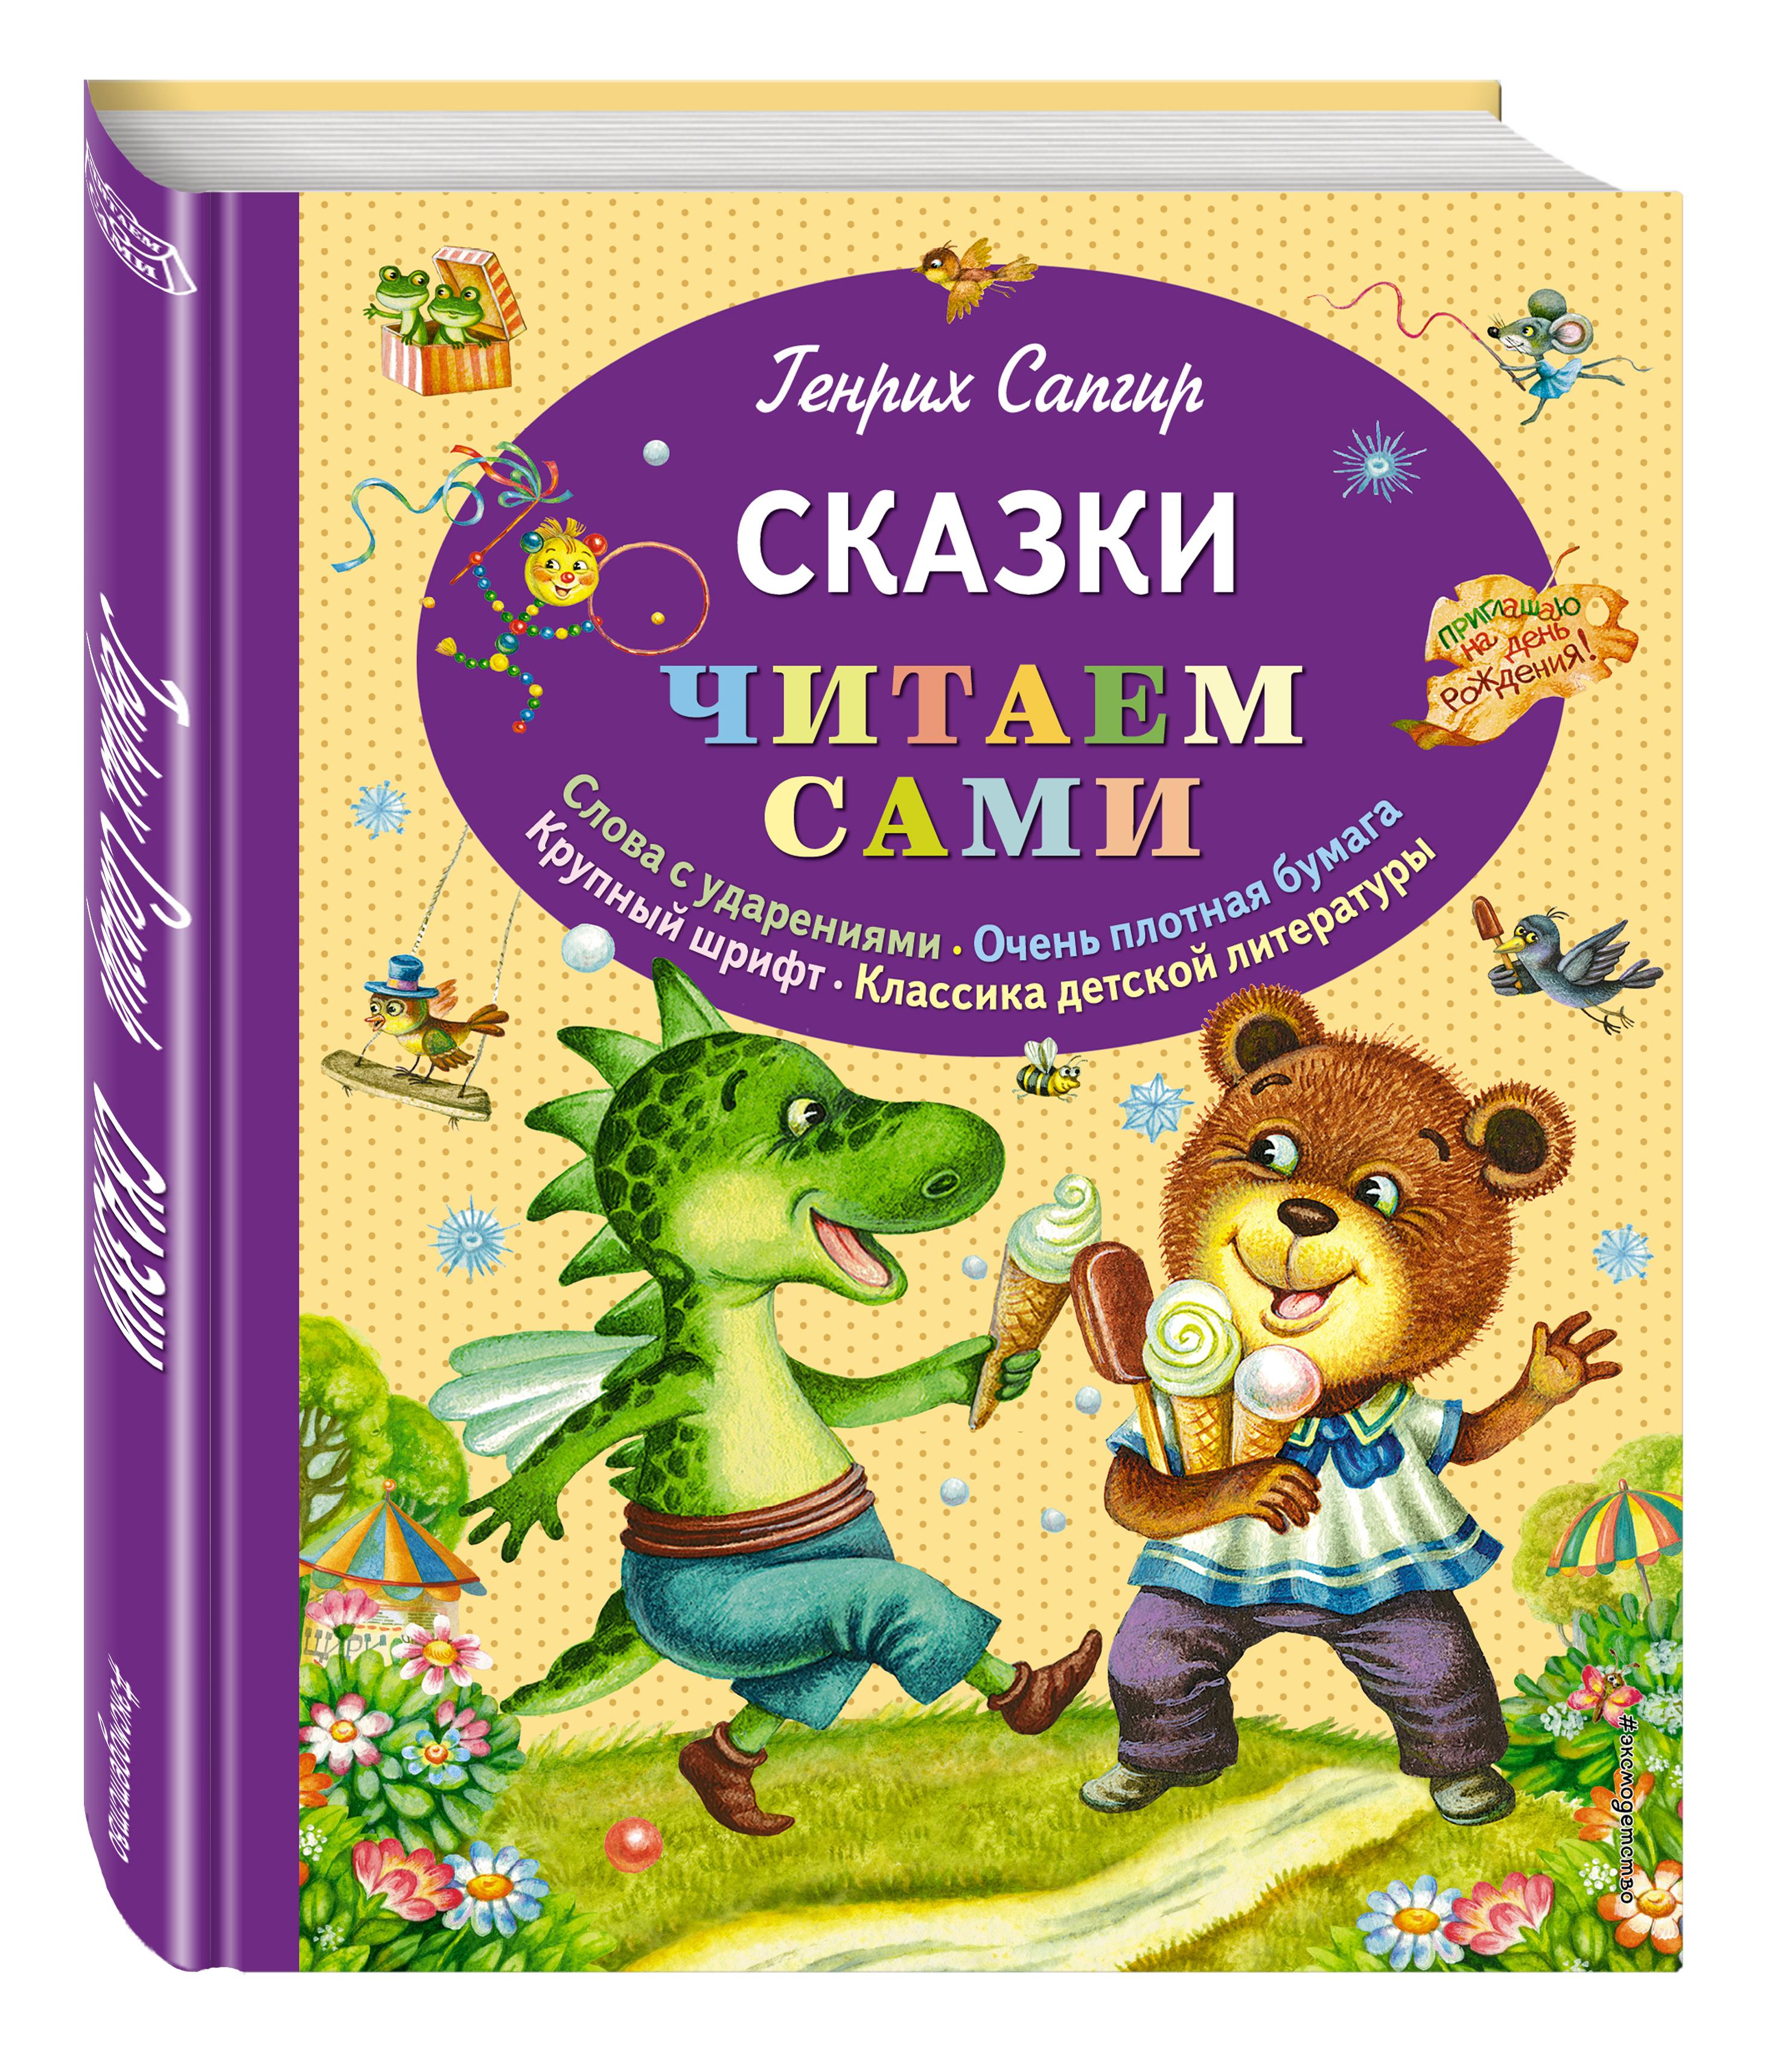 купить Генрих Сапгир Сказки (ил. М. Литвиновой) по цене 327 рублей